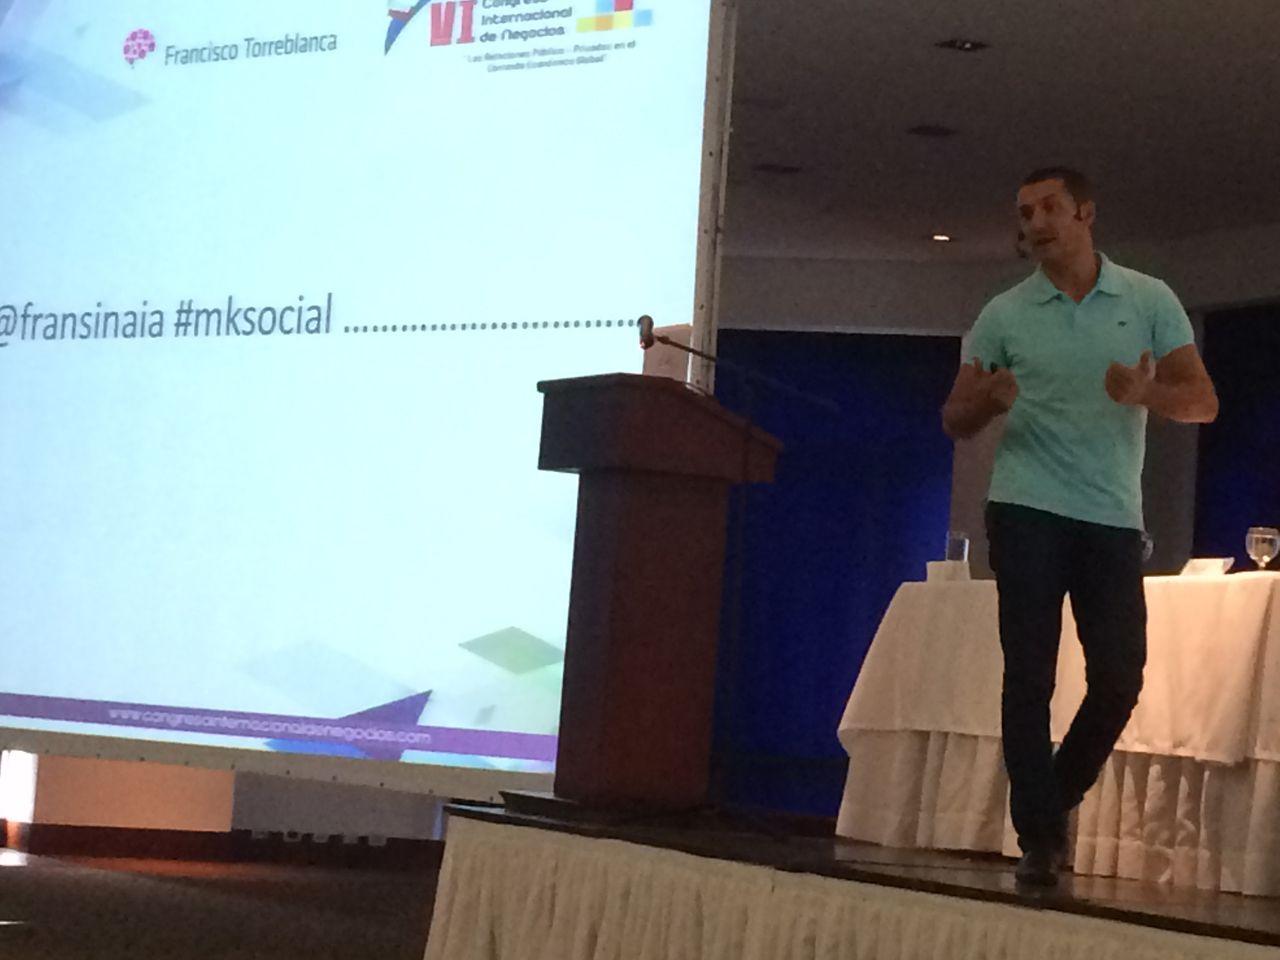 Retando a los asistentes a tuitear en mi ponencia sobre marketing responsable en el VI Congreso Internacional de Negocios de Medellín